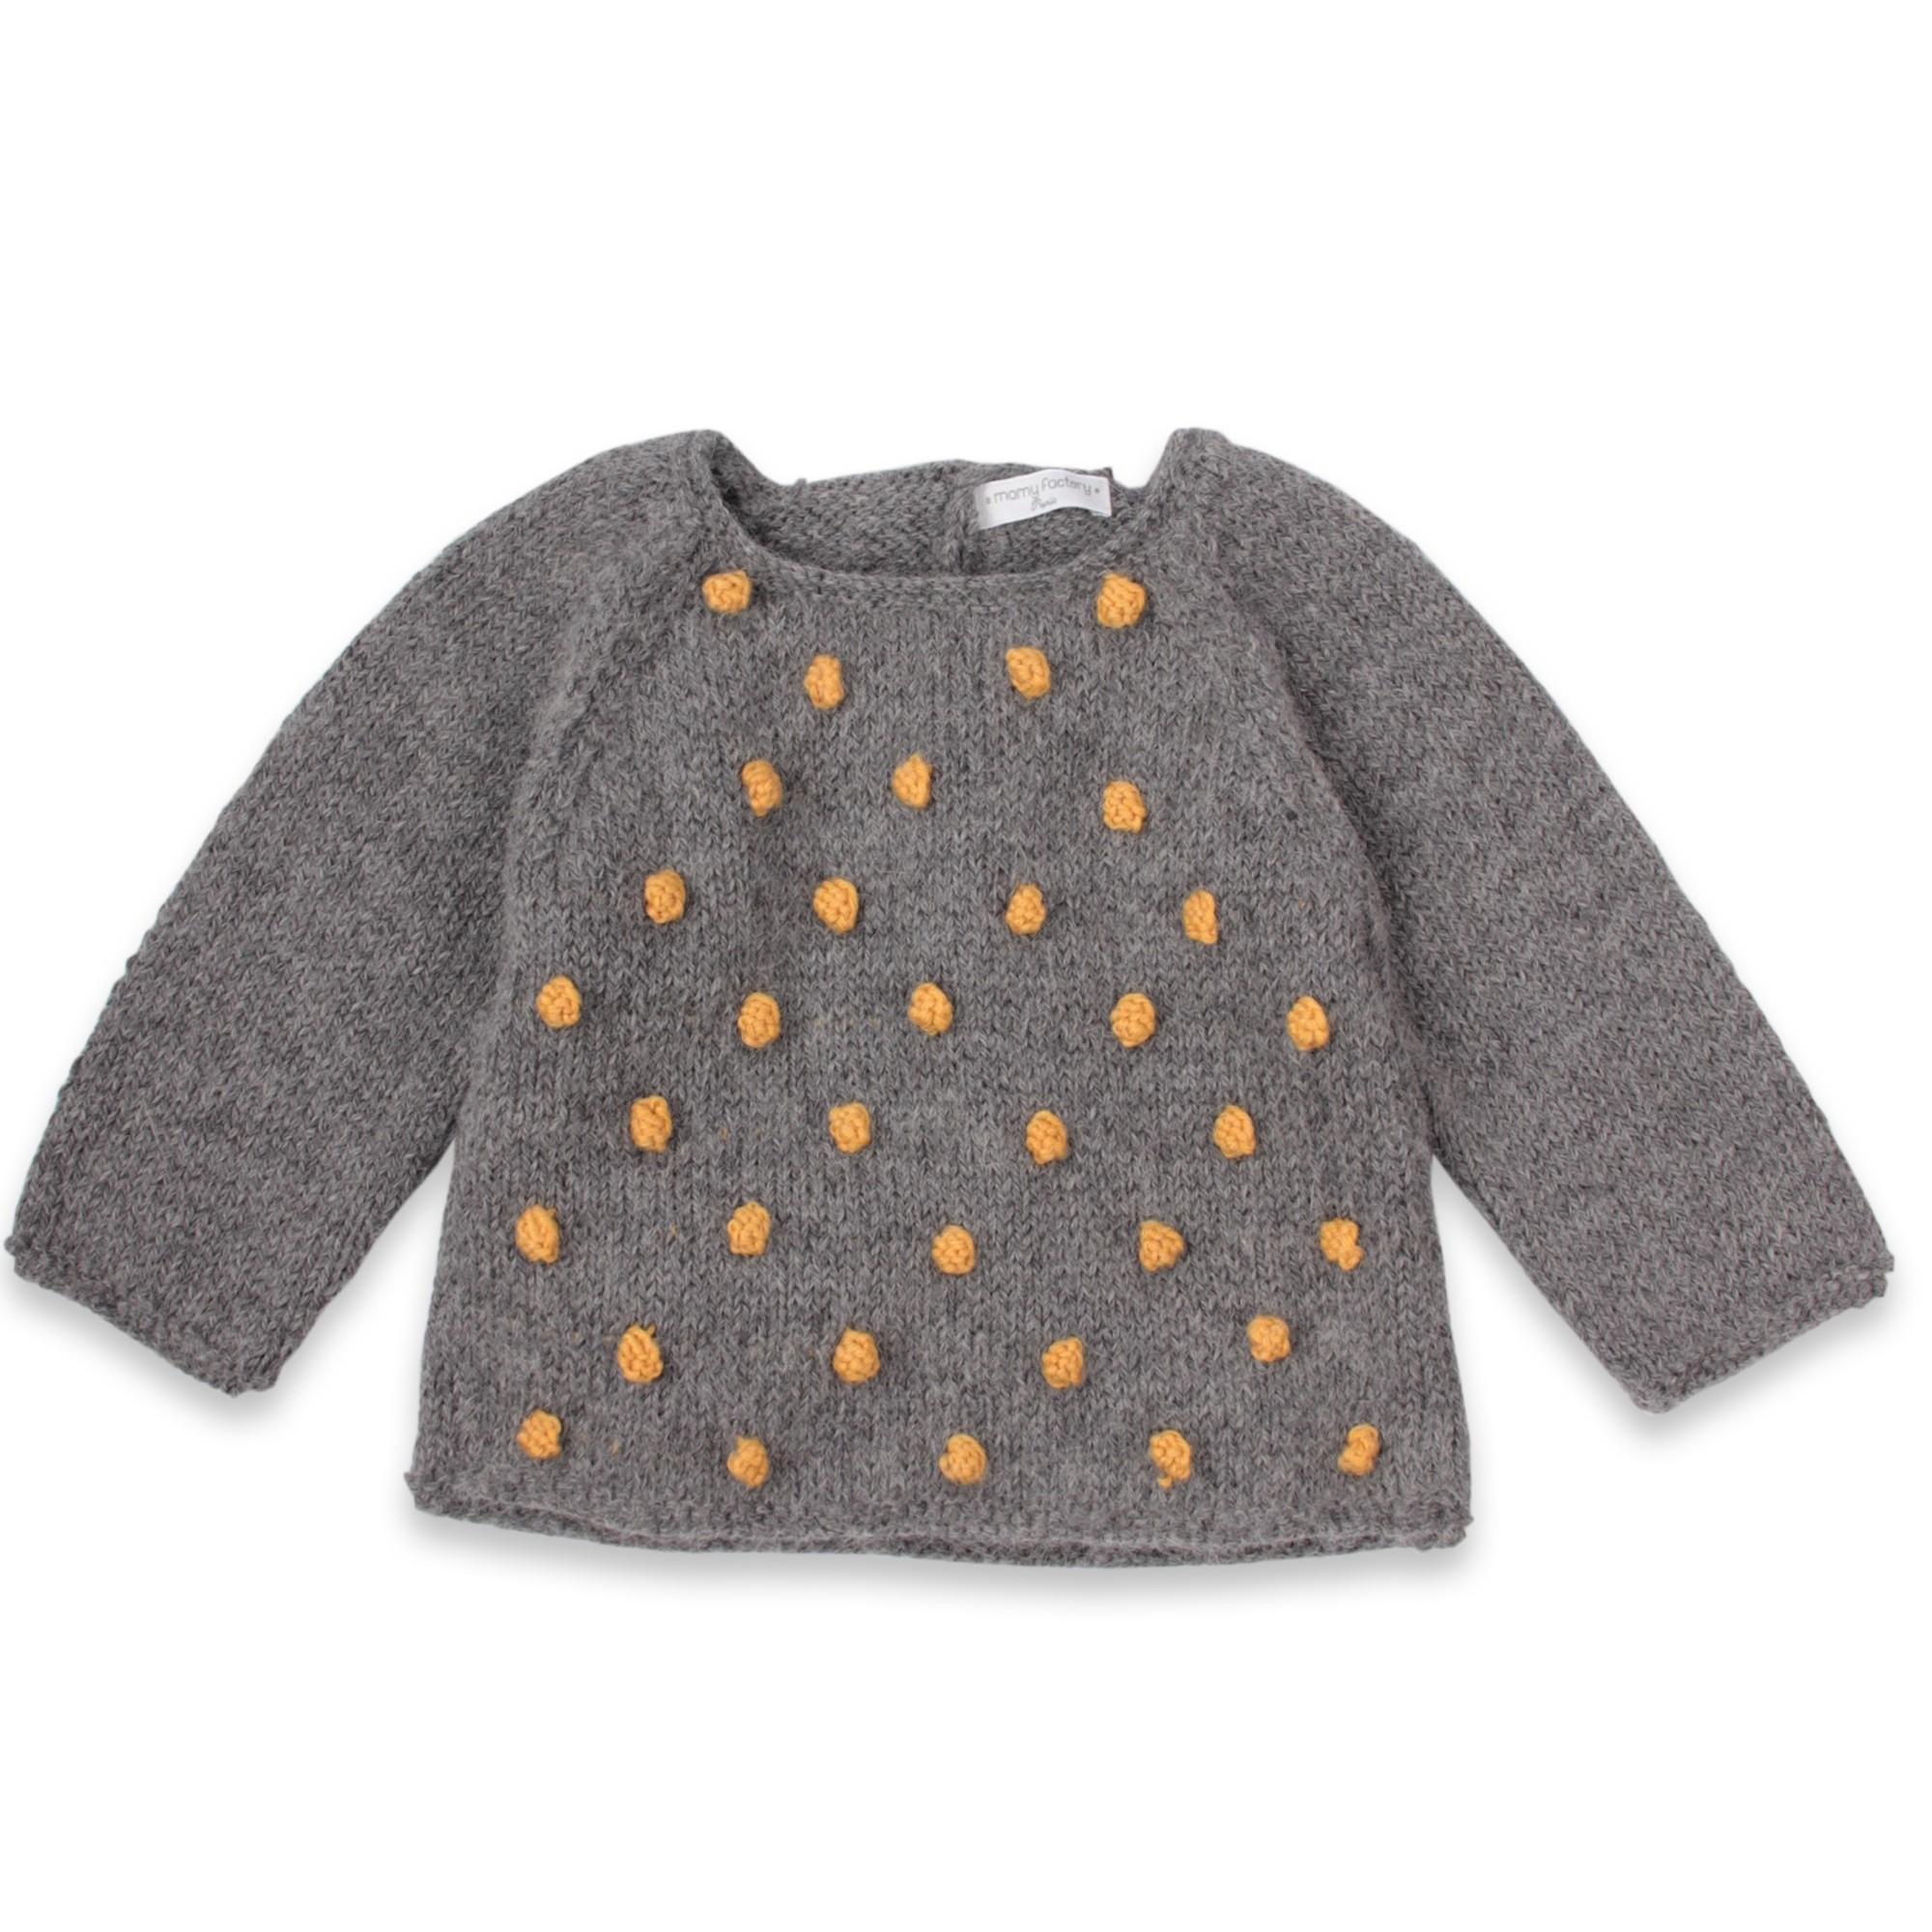 Les tricots de mamy pull enfant gris fonc avec petites boules jaune miel tricot es en relief - Comment raviver un vetement noir ...